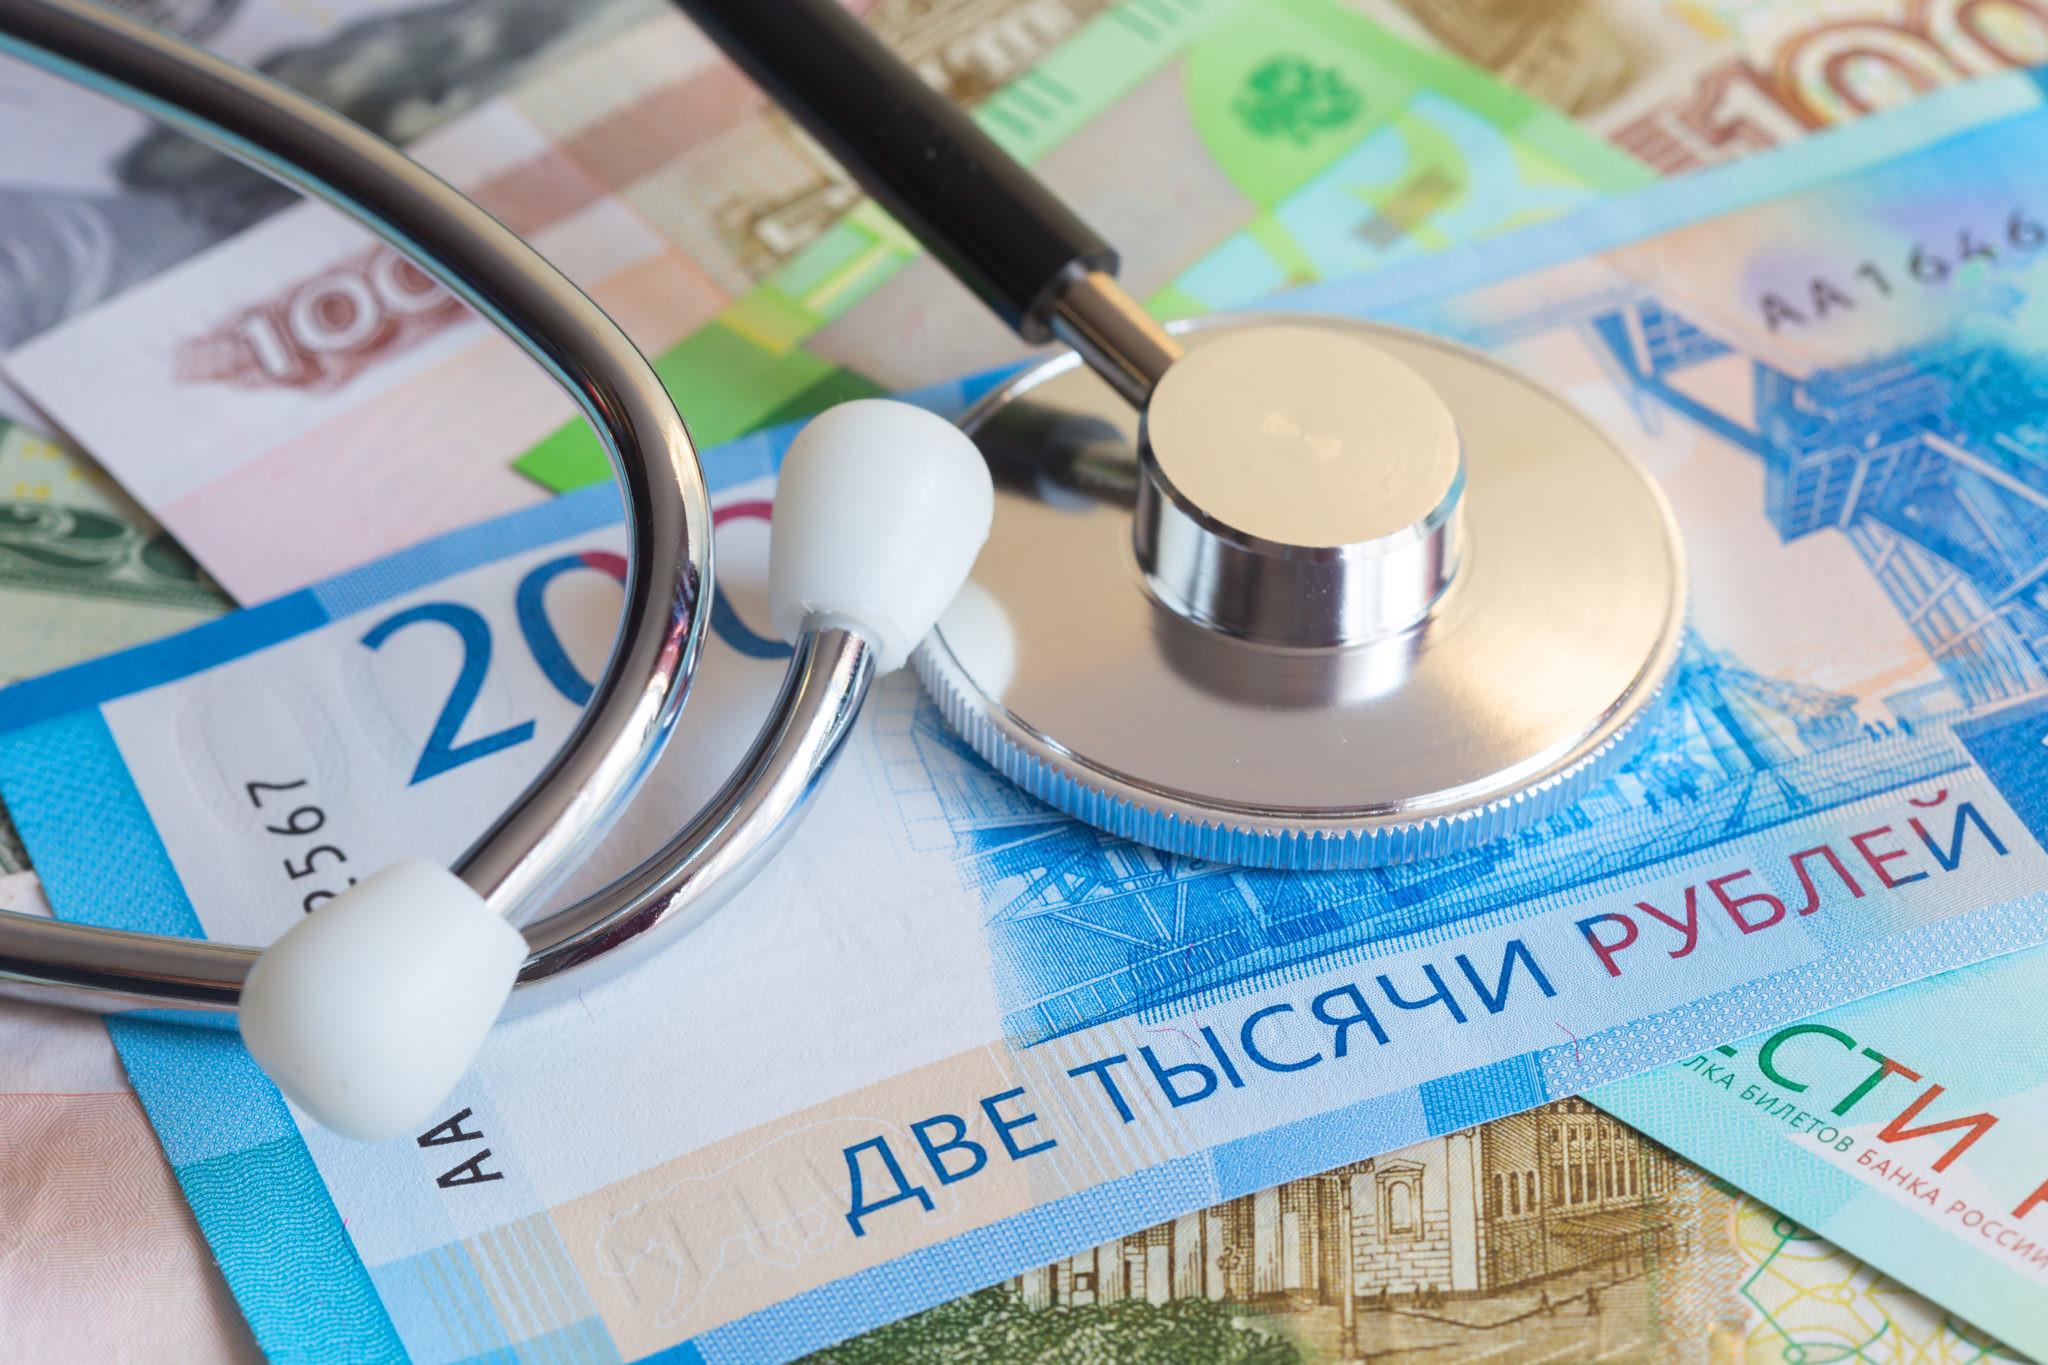 Как оплачивается больничный в 2018 году: важные нововведения, примеры расчета